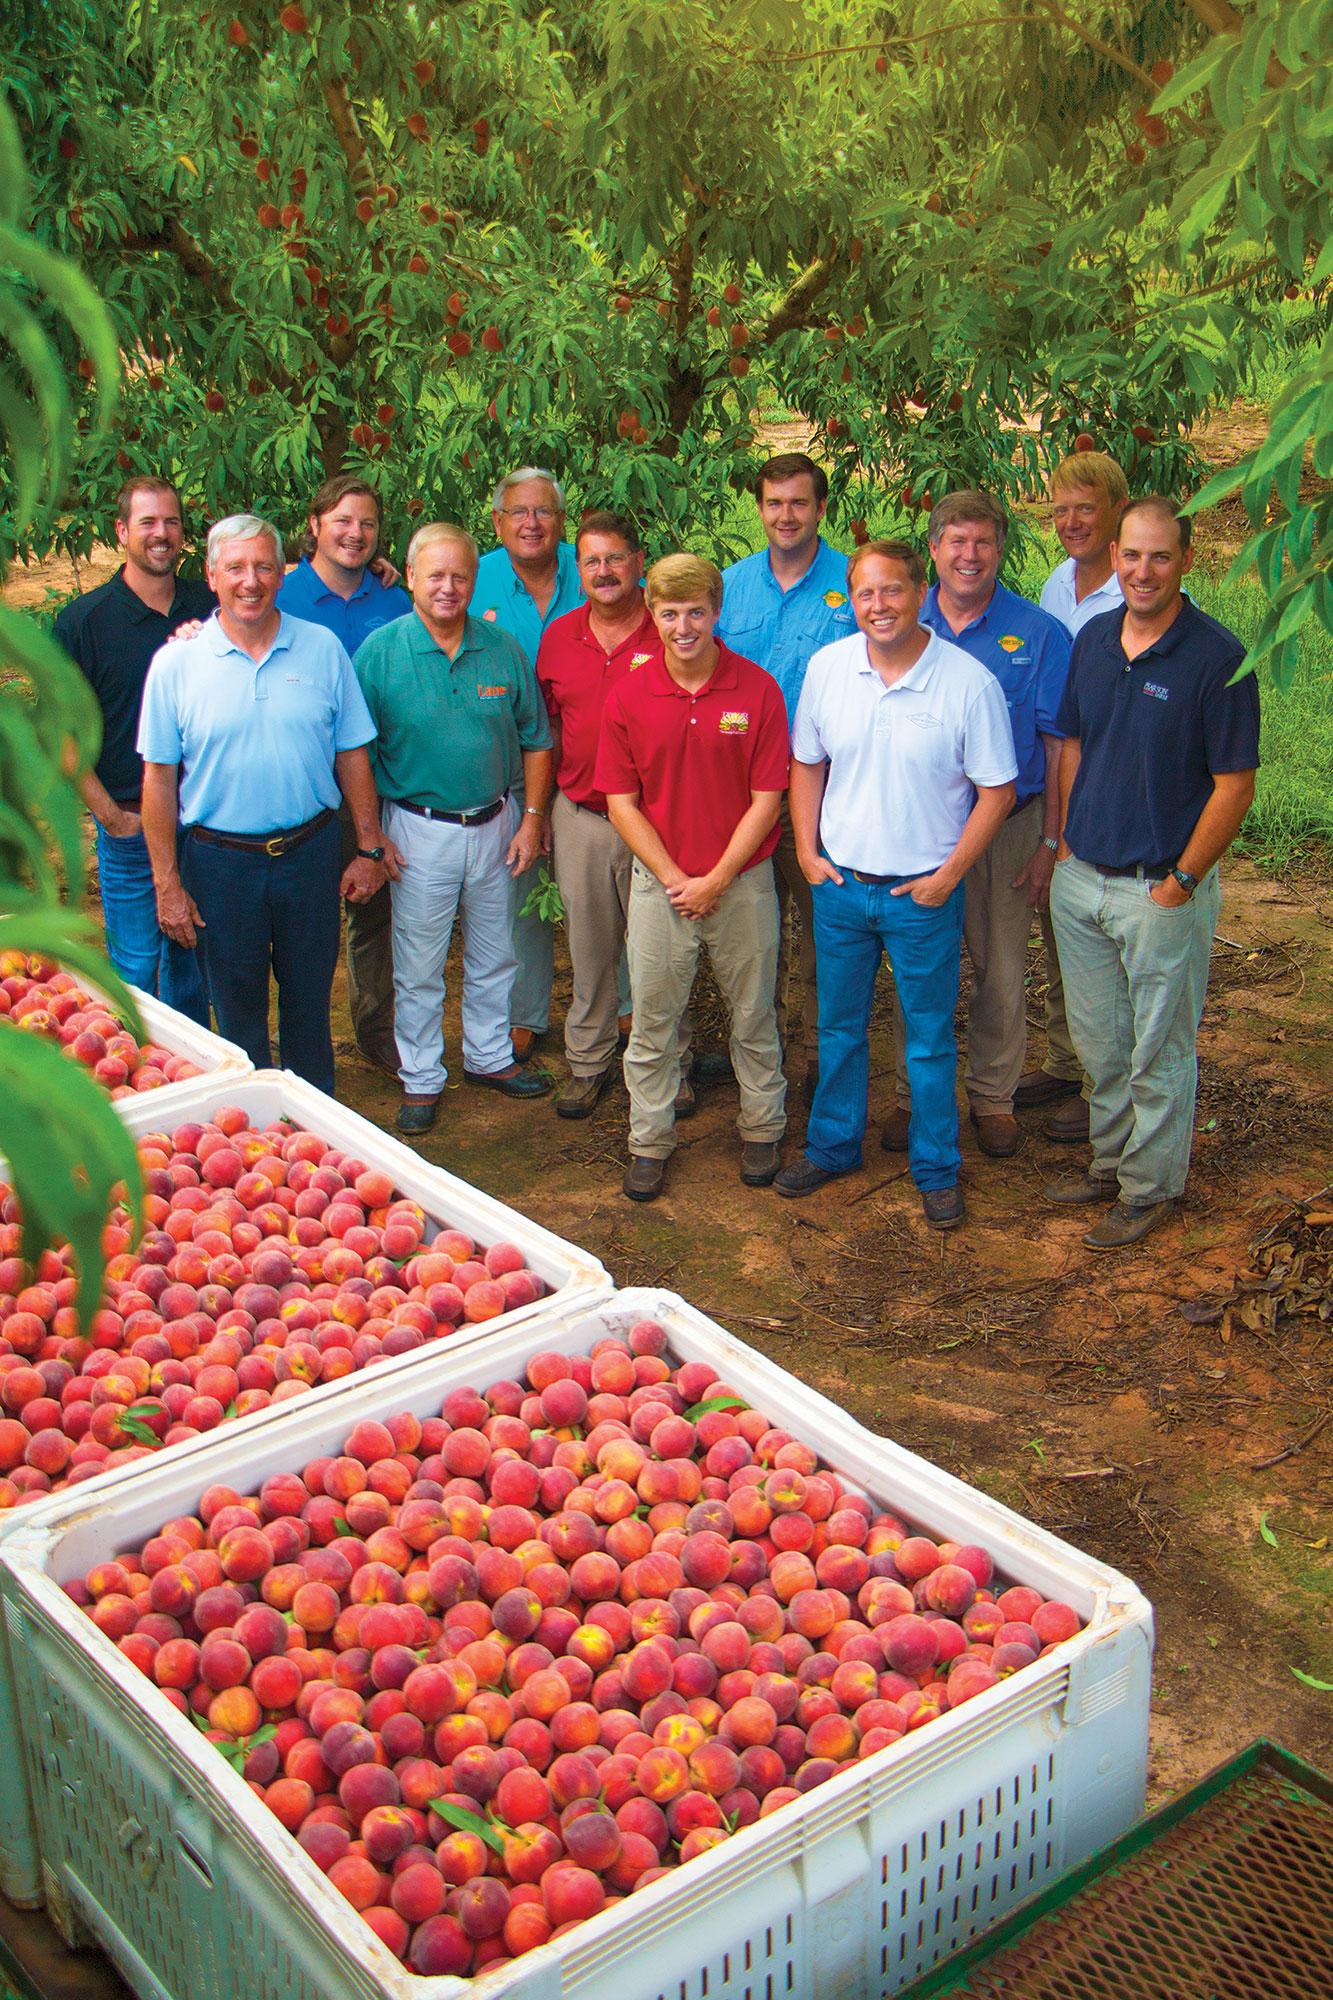 Georgia Peach Farmers - The Peach Pelican